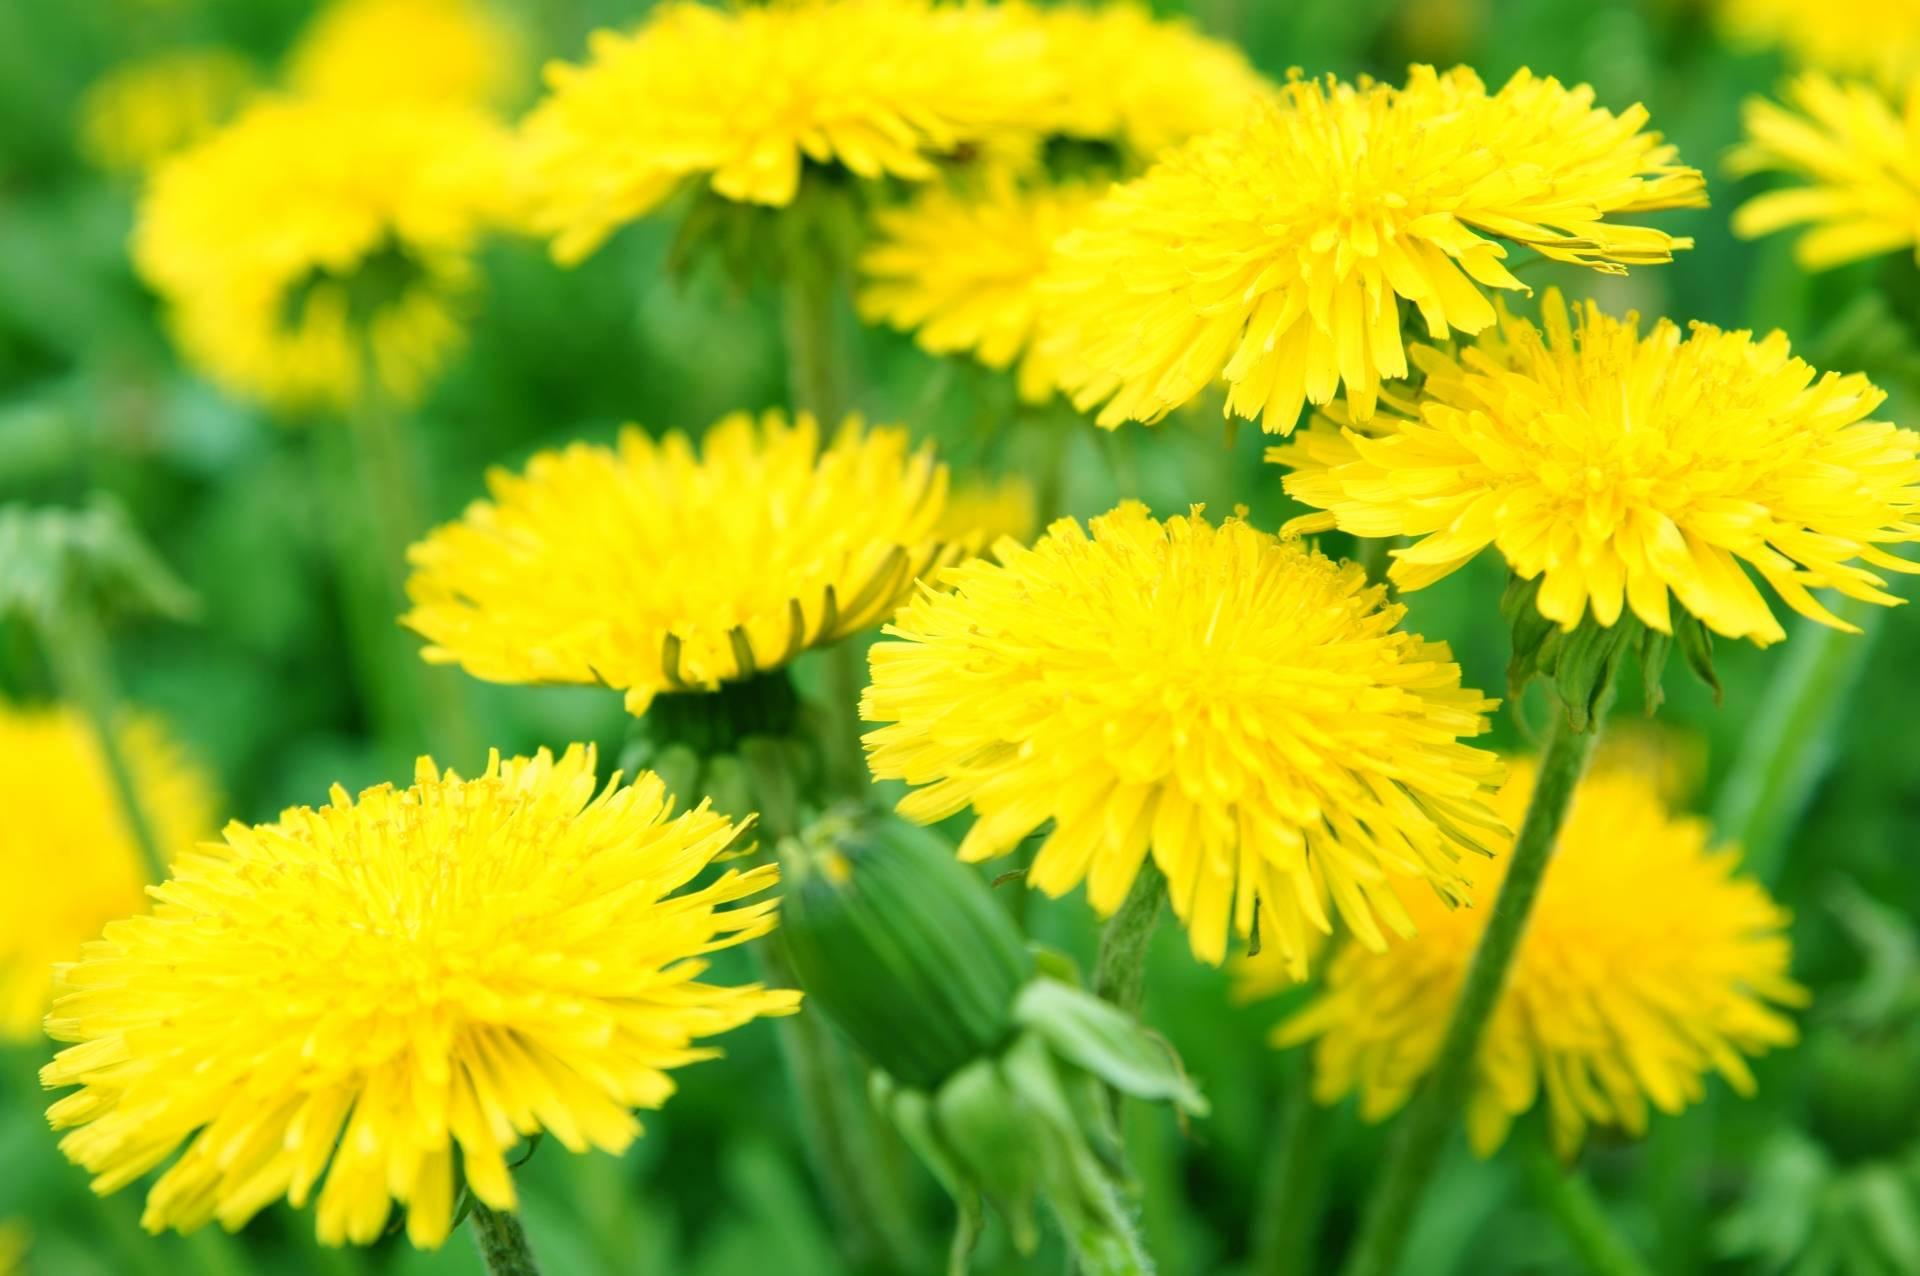 Żółte kwiaty mniszka lekarskiego na zielonej łące. Jakie cenne właściwości lecznicze mają dmuchawce?